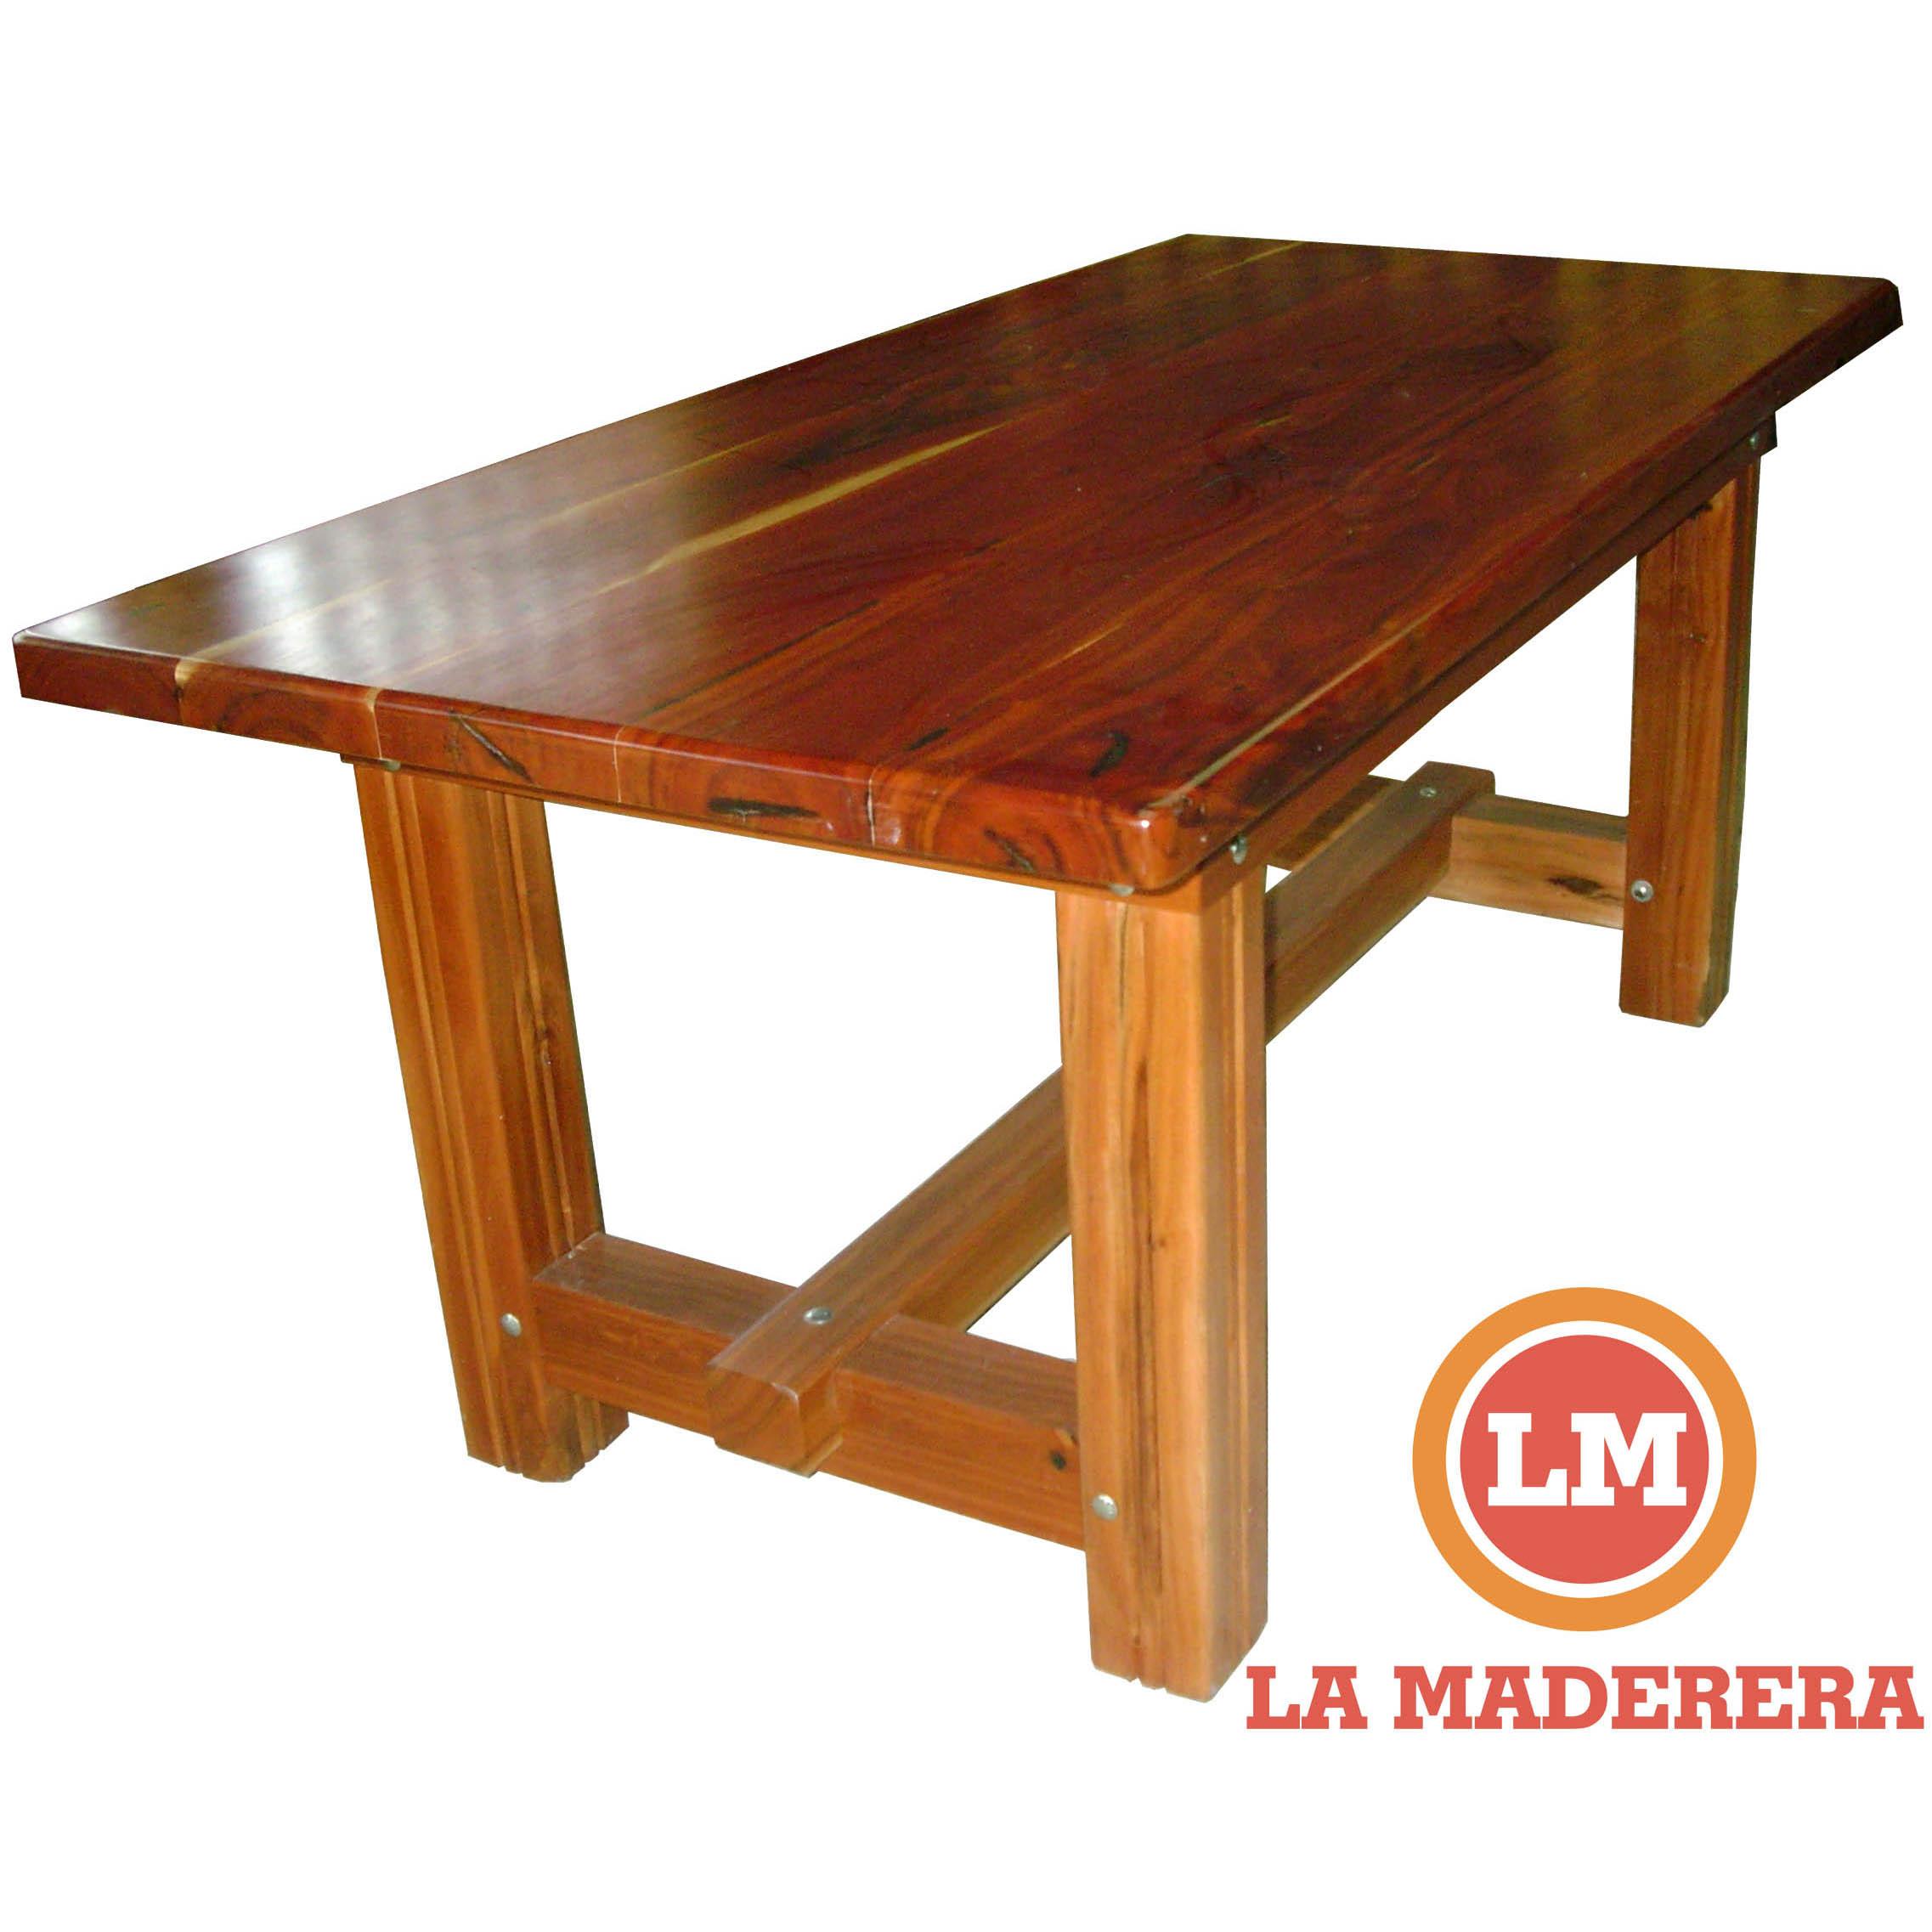 Modelos varios de mesa en quebracho colorado nuevo. | LA MADERERA